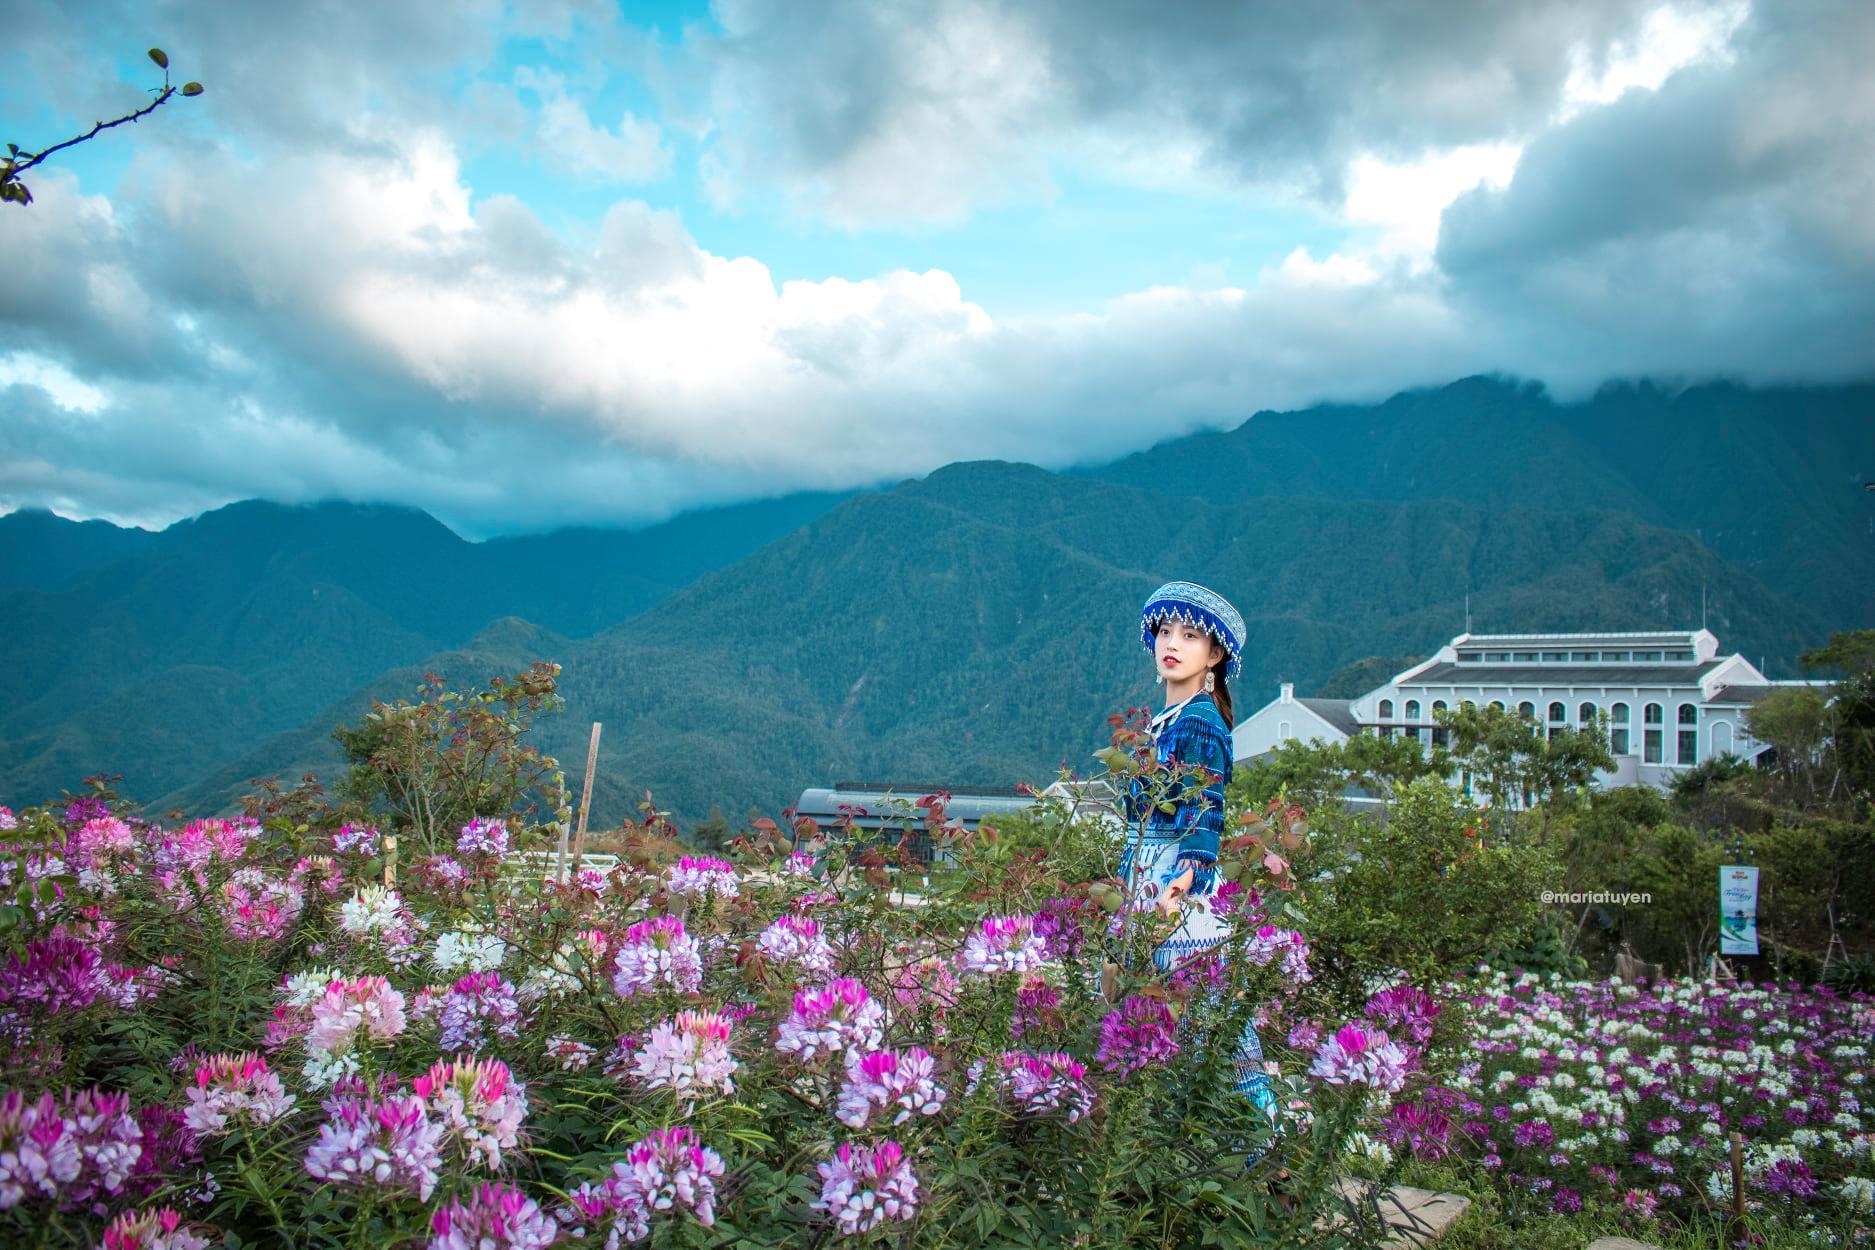 Top-3-diem-du-lich-nui-hot-nhat-trong-dip-tet-nguyen-dan-2020-vietmountain-travel4 (1)